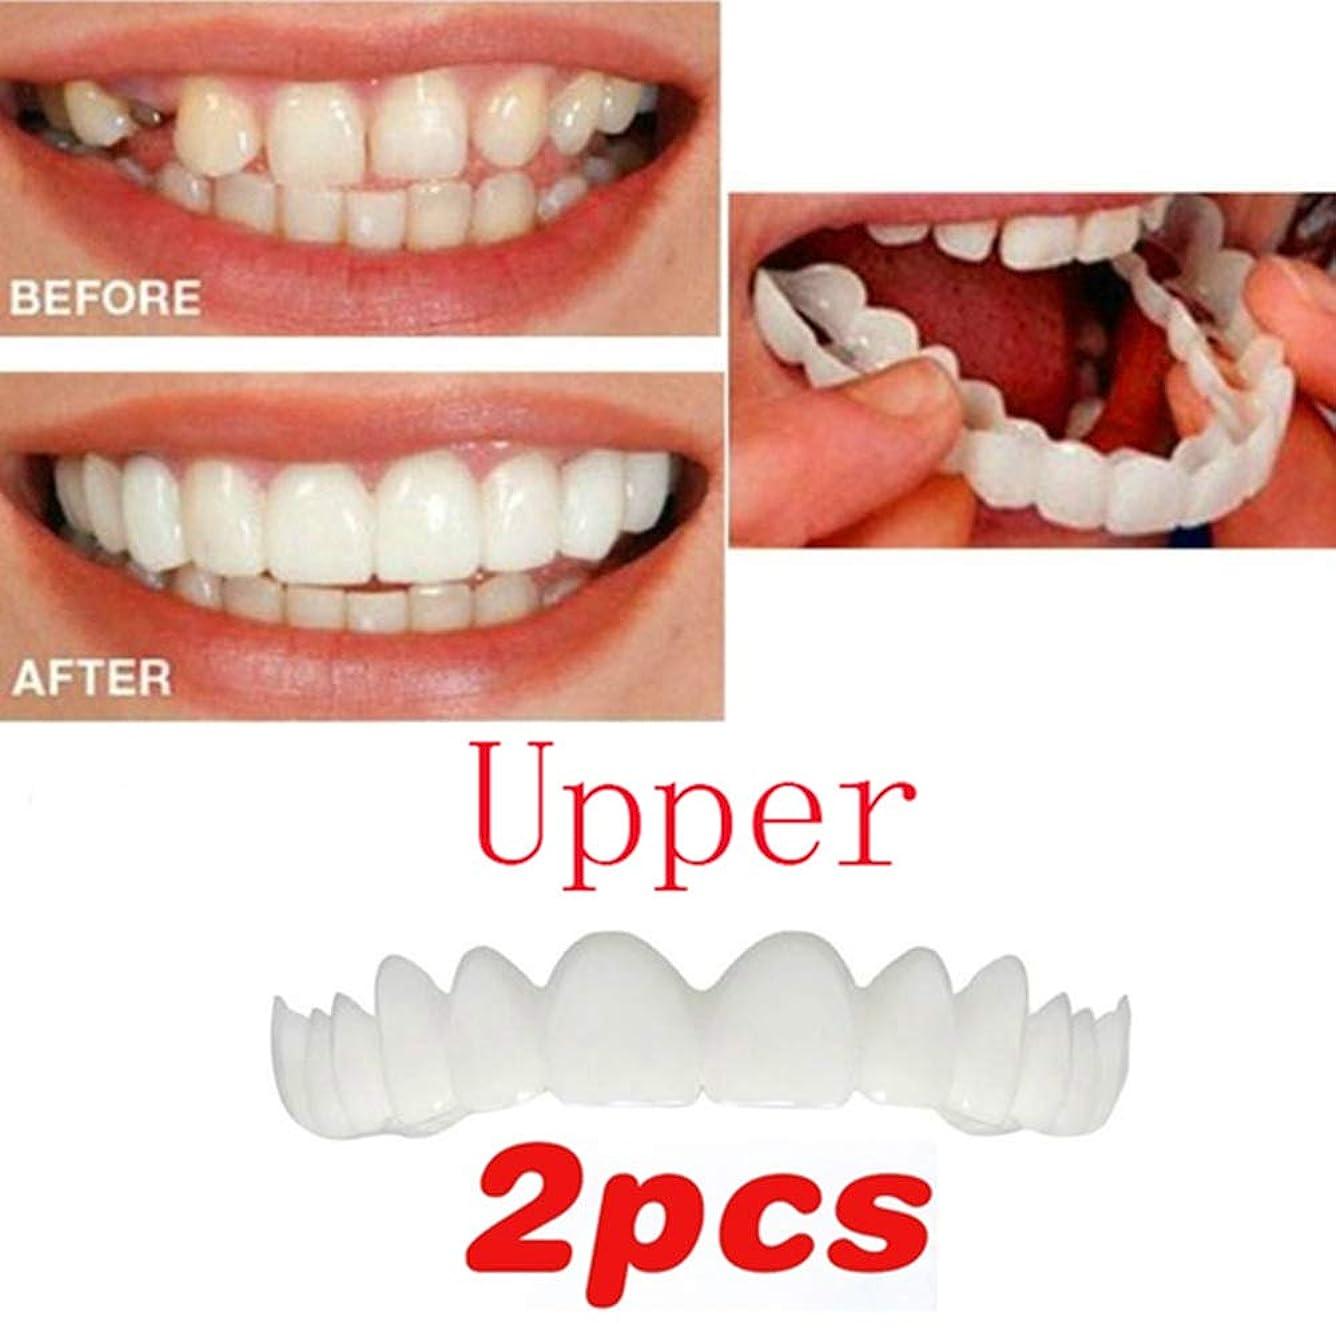 ヒューバートハドソンアミューズメント呼びかける2ピース化粧品歯一時的な笑顔ホワイトニング歯インスタント快適な義歯上列再利用可能な大人のスナップ完璧な笑顔ベニヤカバー悪い黄色黒歯